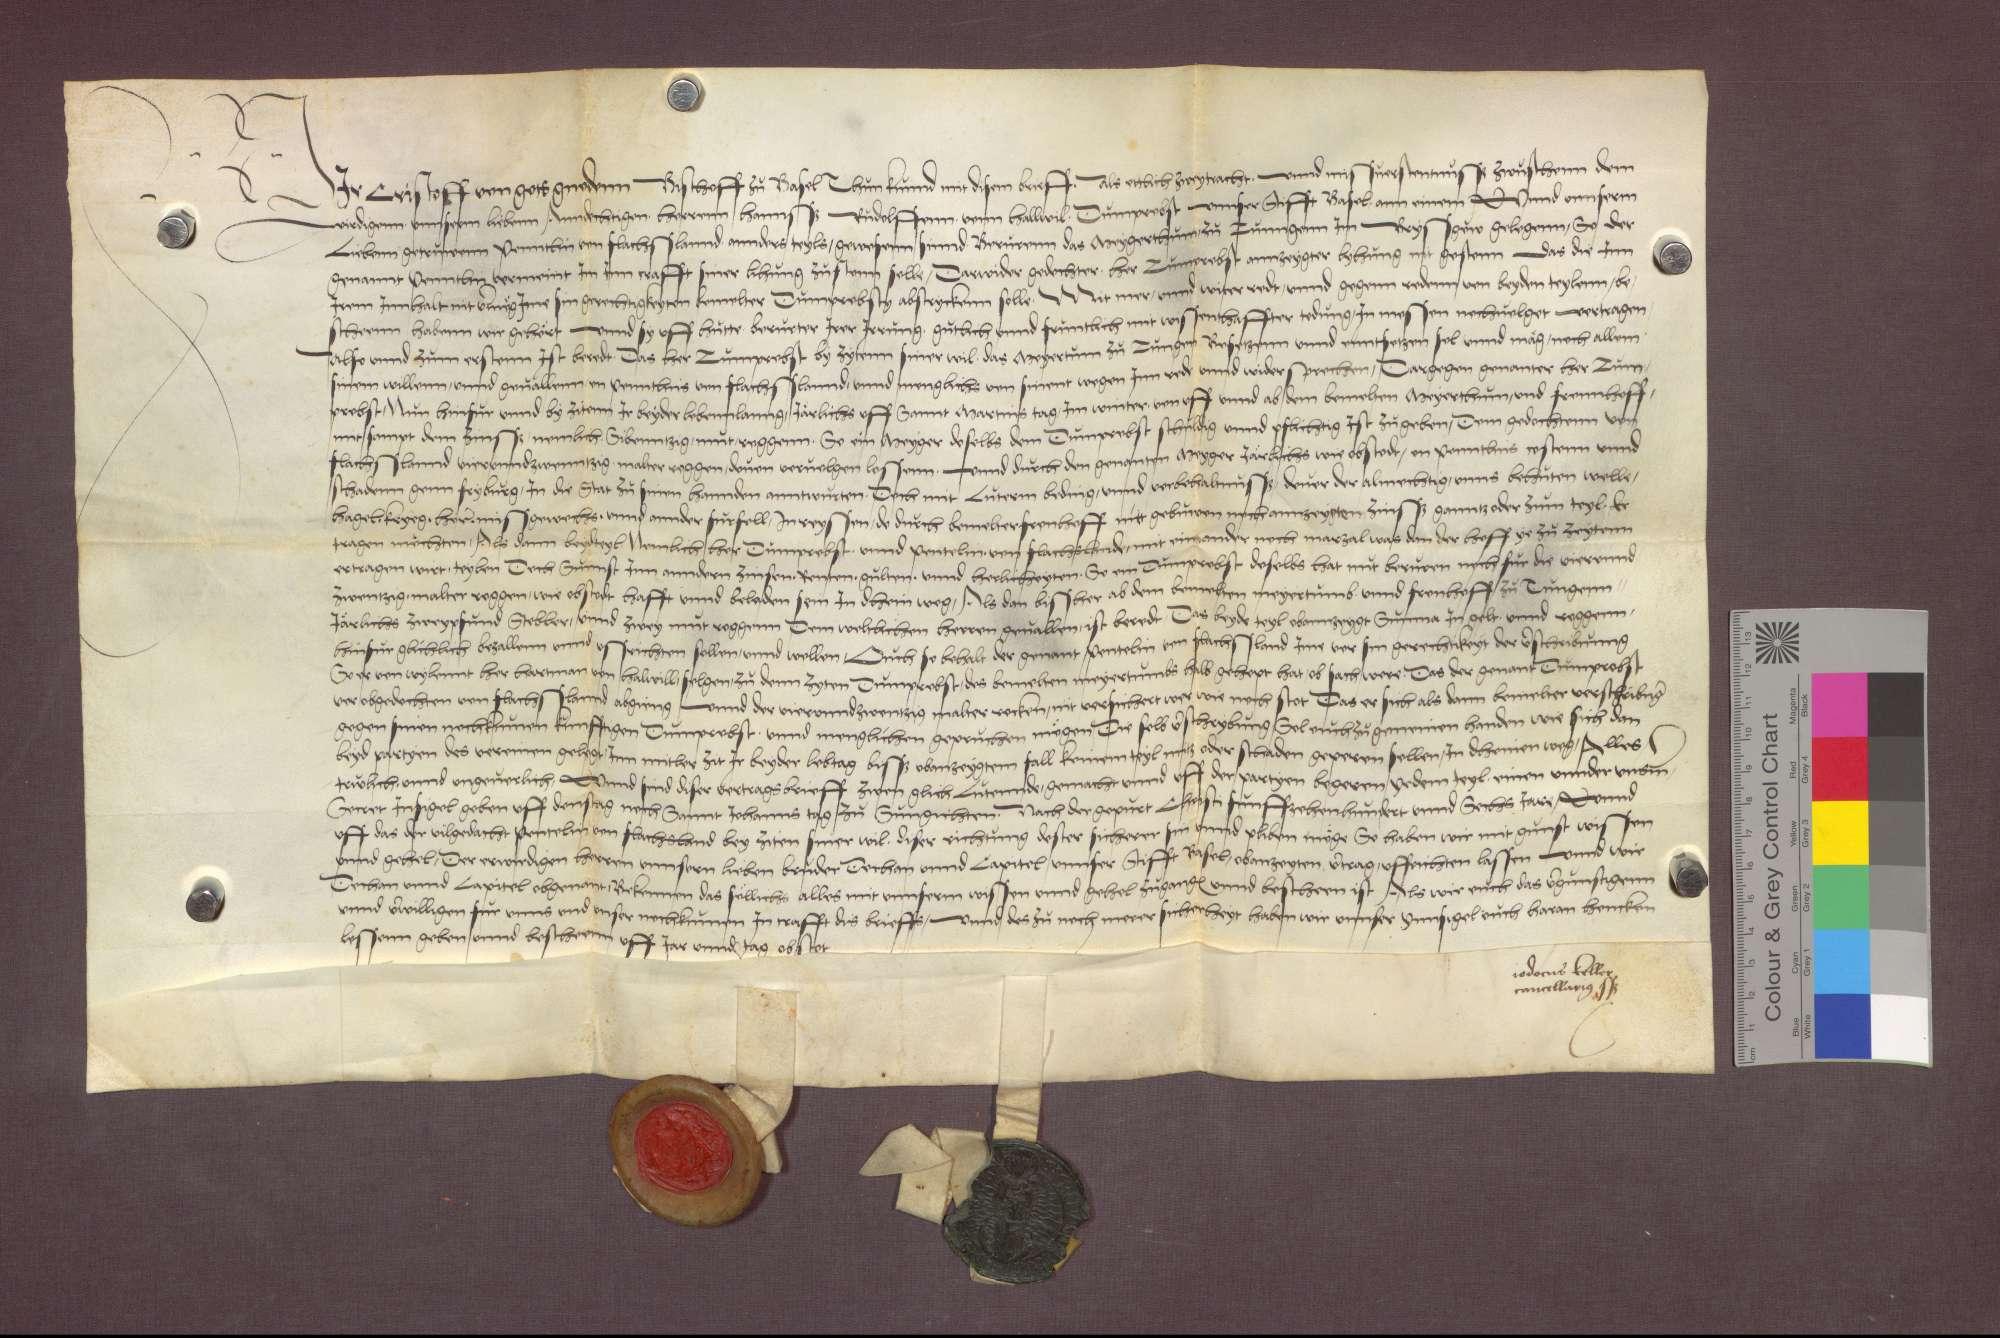 Der Basler Dompropst Rudolf von Hallwil vergleicht sich mit Pantaleon von Falchslanden über das Meiertum zu Tiengen., Bild 1